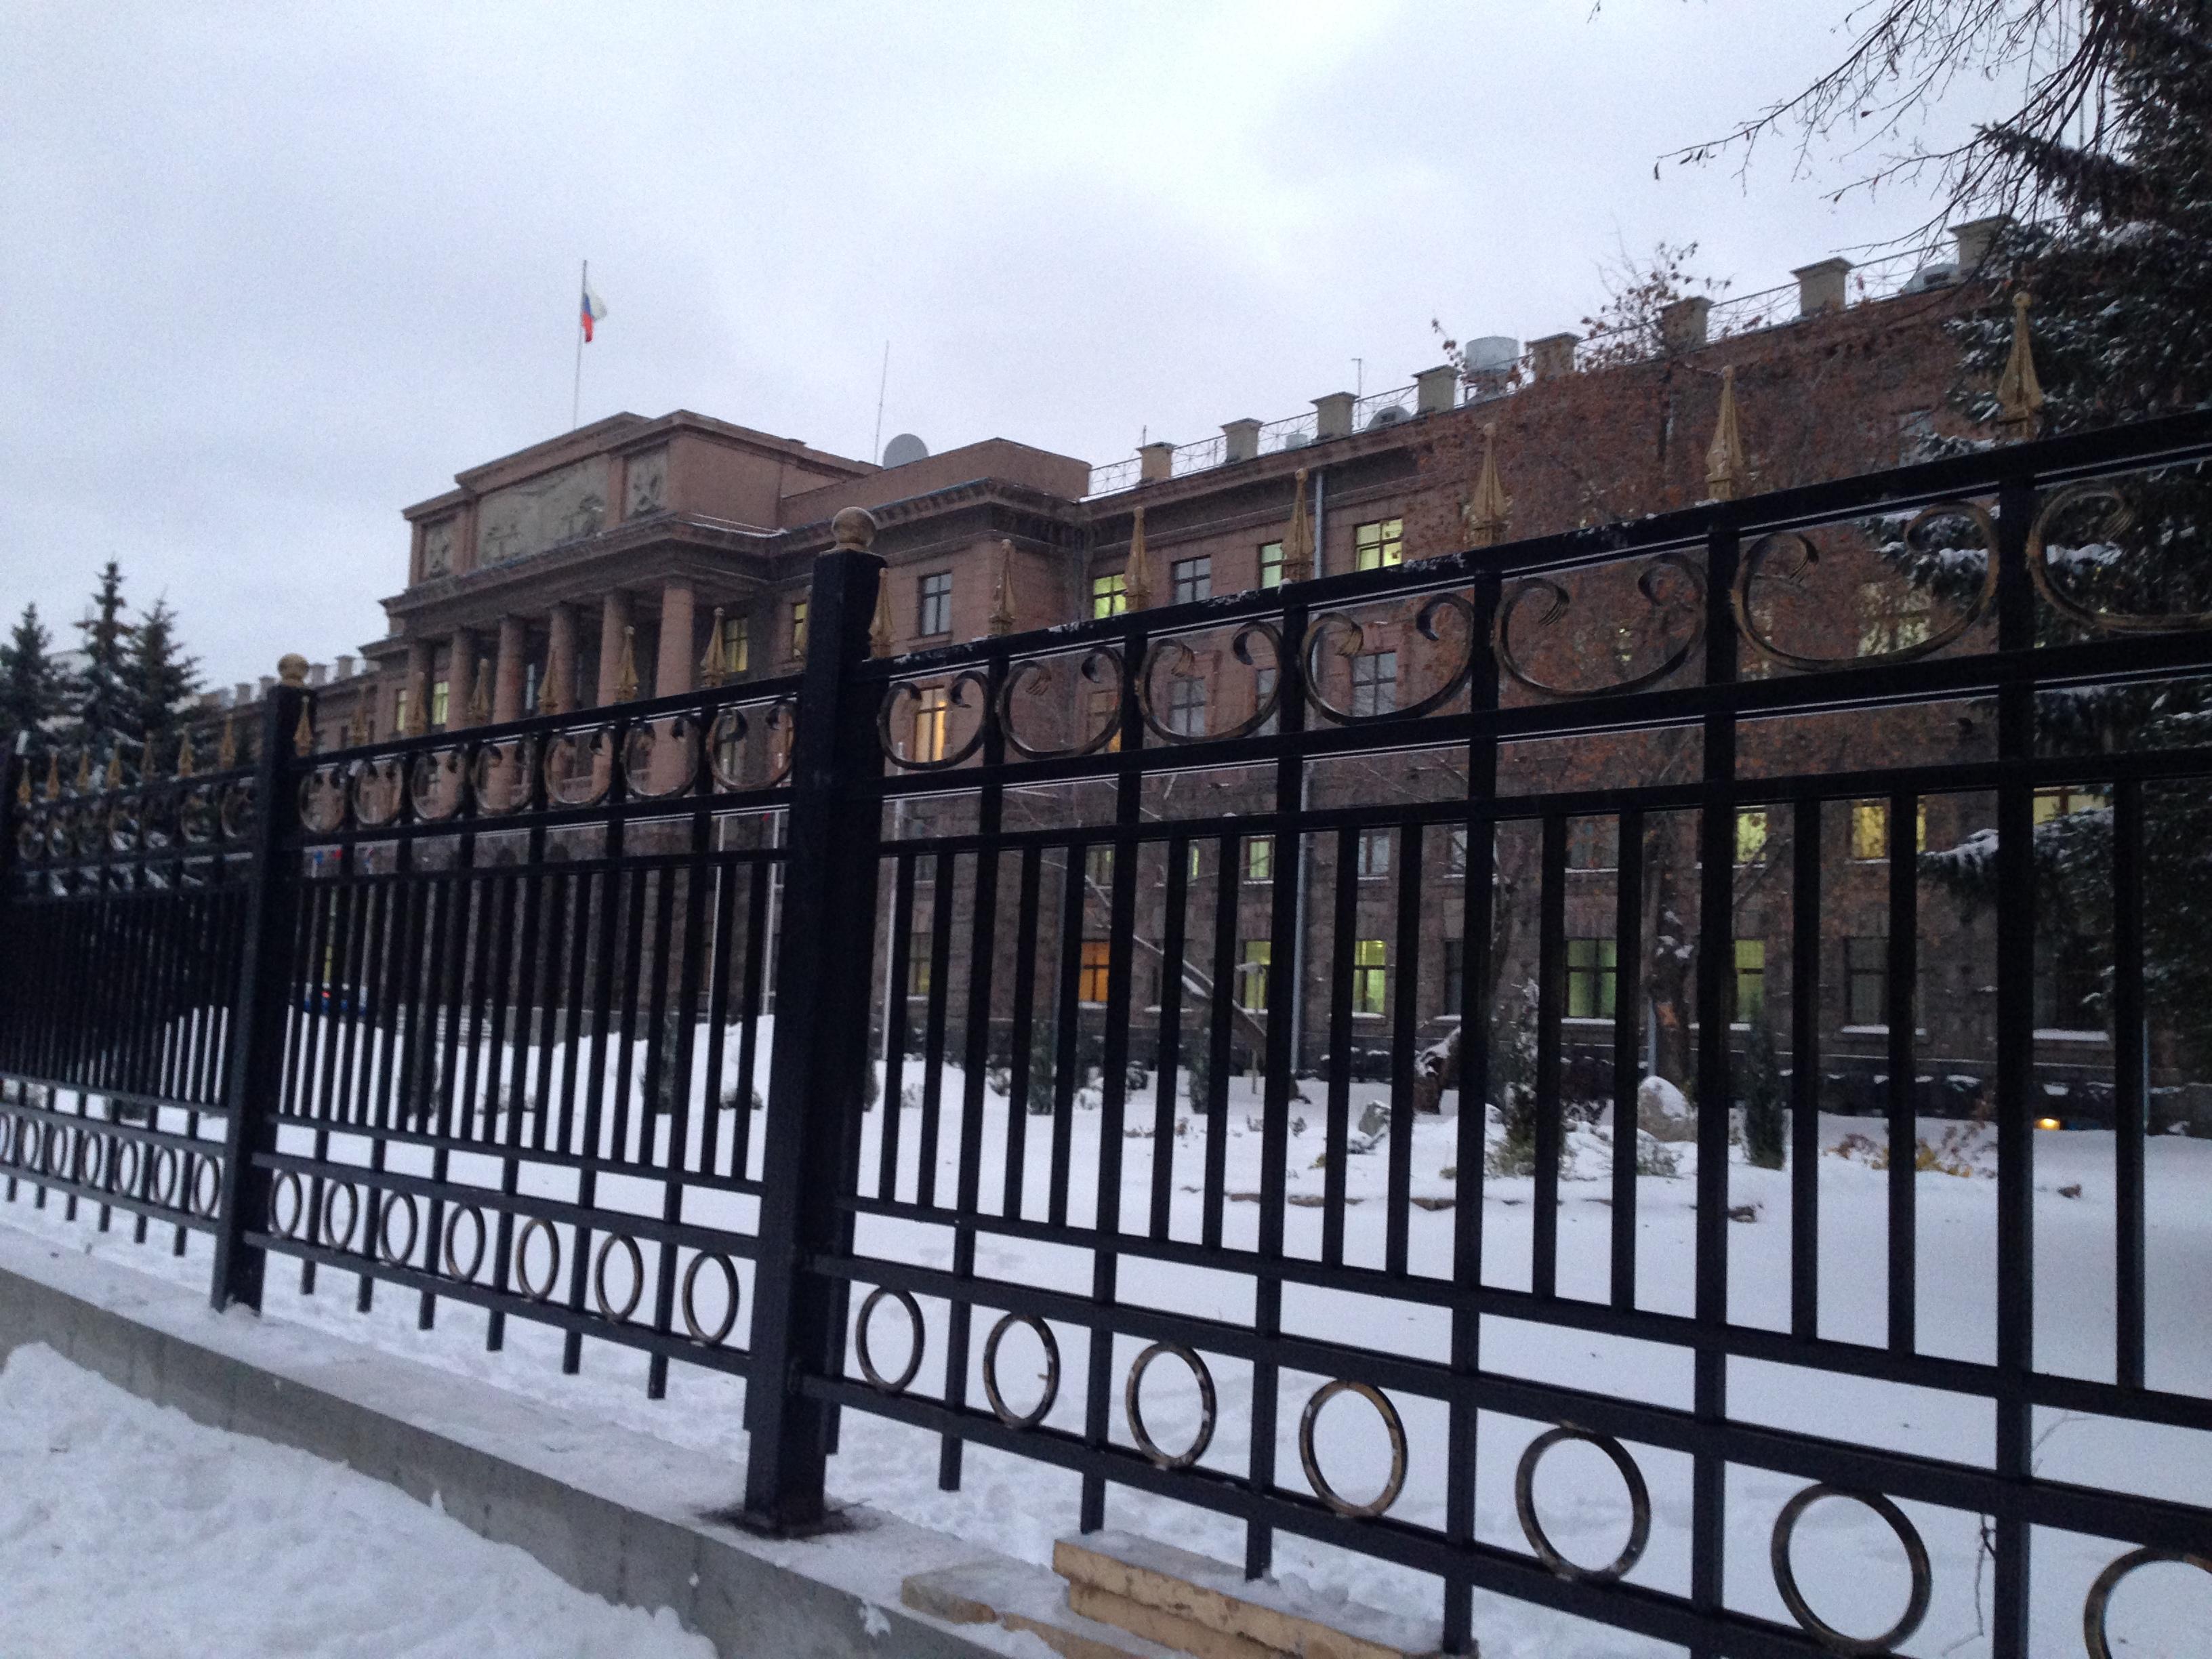 Наплевать на общественность: здание штаба ЦВО все-таки огораживают решеткой